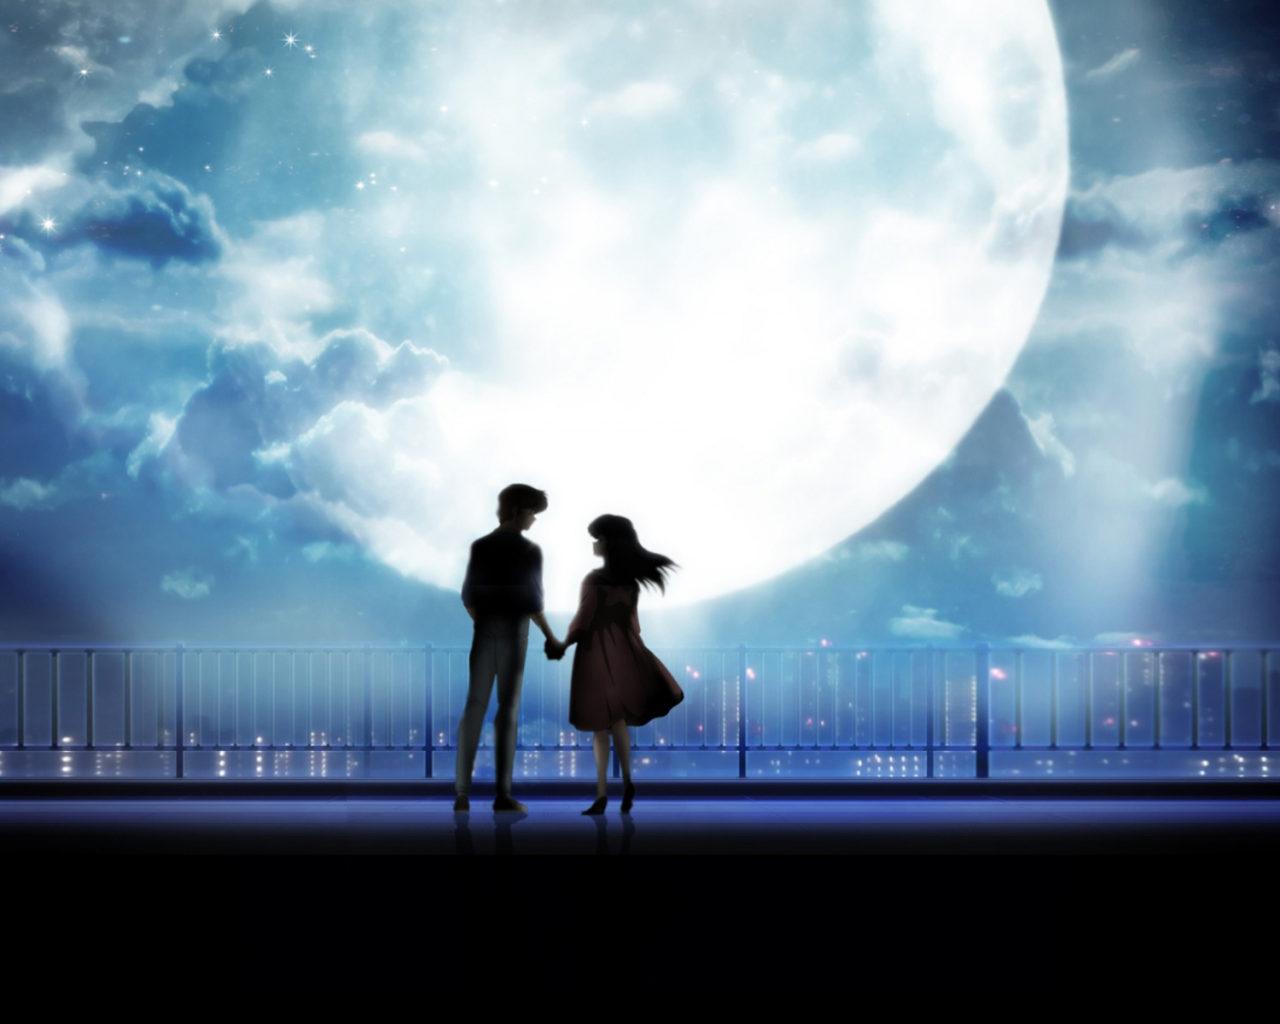 Girl Anime Wallpaper Free Download Anime Art Anime Couple Holding Hands Moonlight Desktop